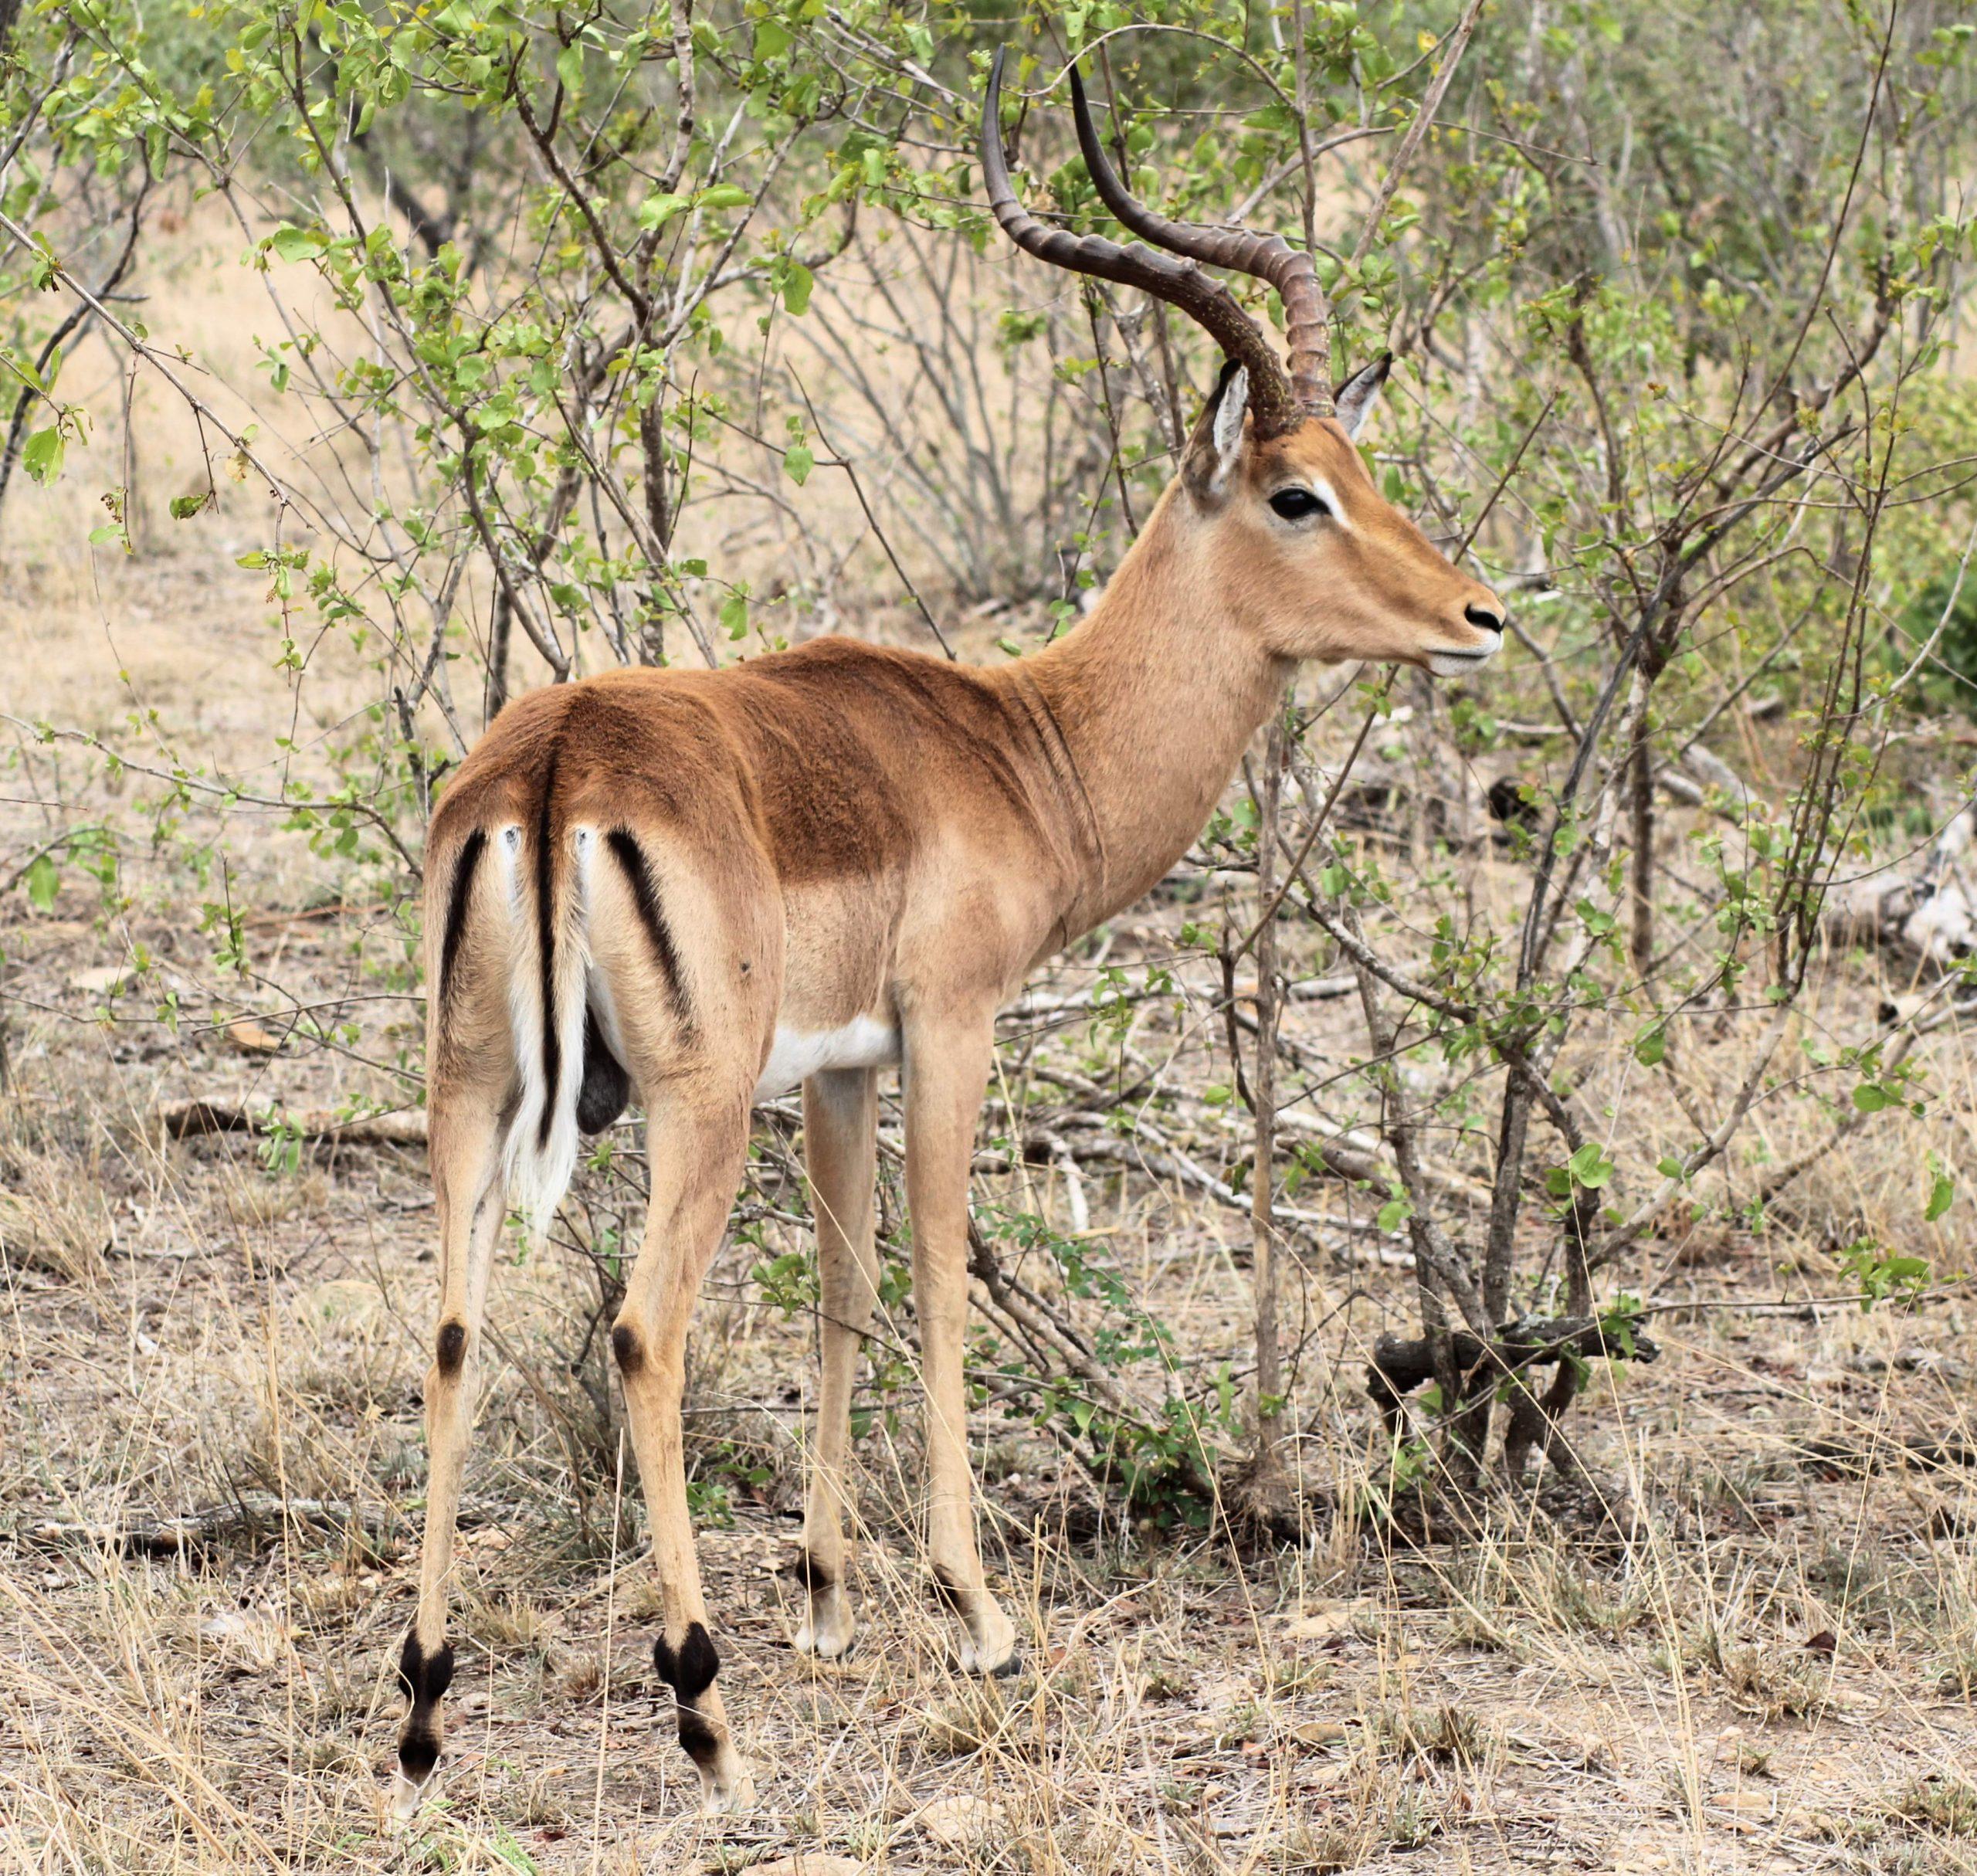 Impala Xongi-tings Xongi-pedia (Mammal - Even-toed Ungulate)